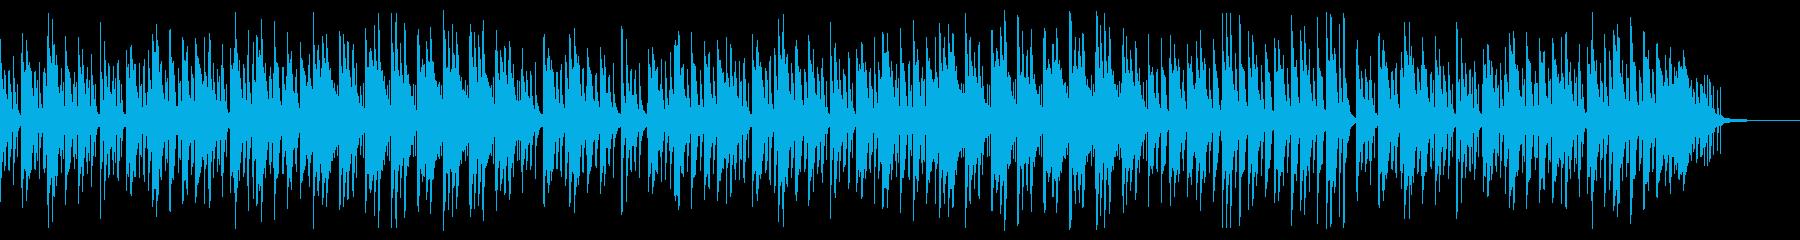 森や動物をイメージした軽やかで優しい曲の再生済みの波形